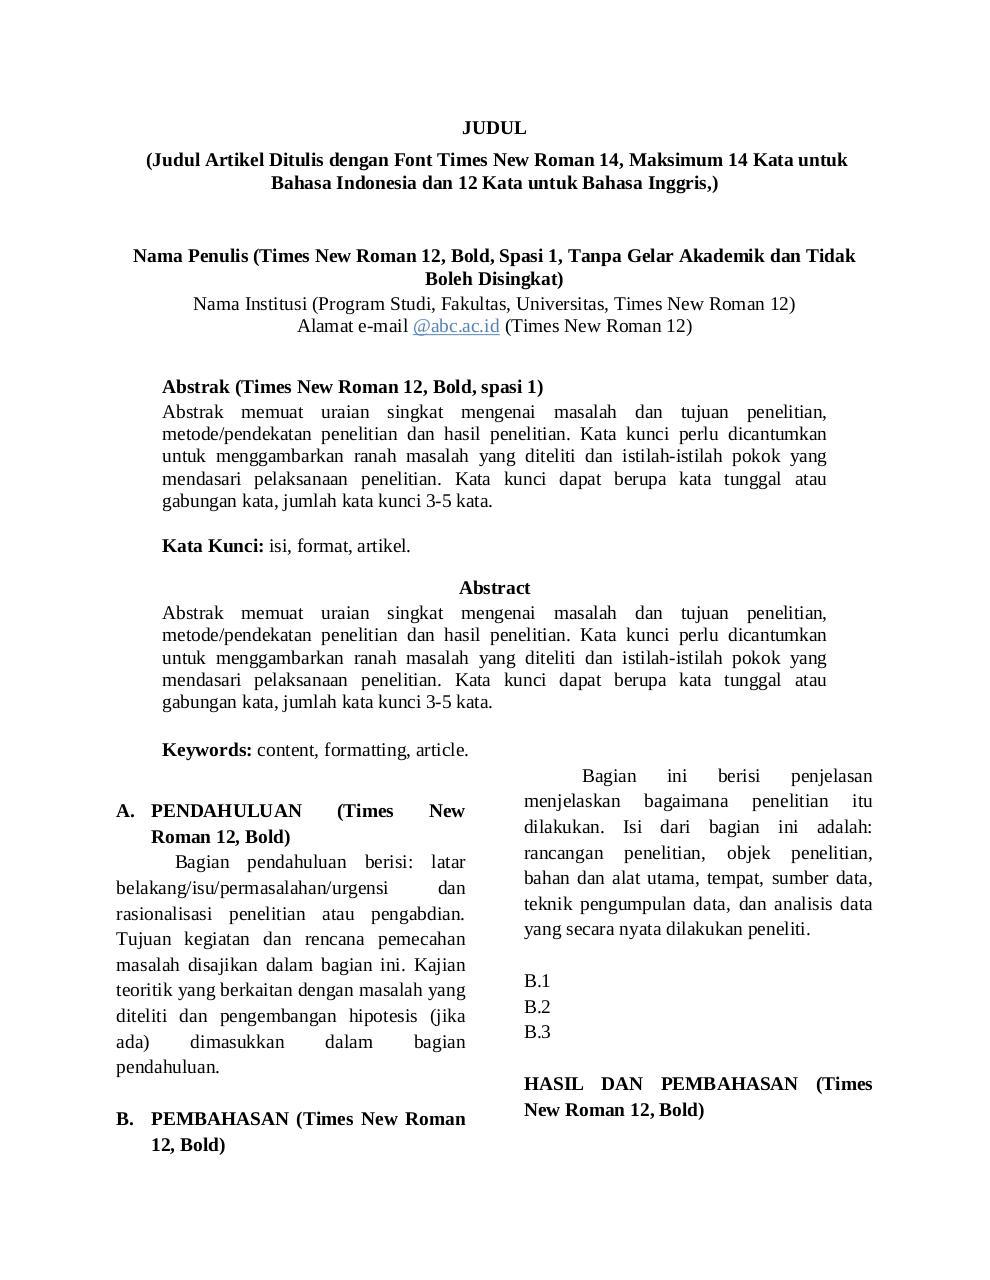 Jurnal Teknik Pengumpulan Data Pdf : jurnal, teknik, pengumpulan, Jurnal, Teknik, Pengumpulan